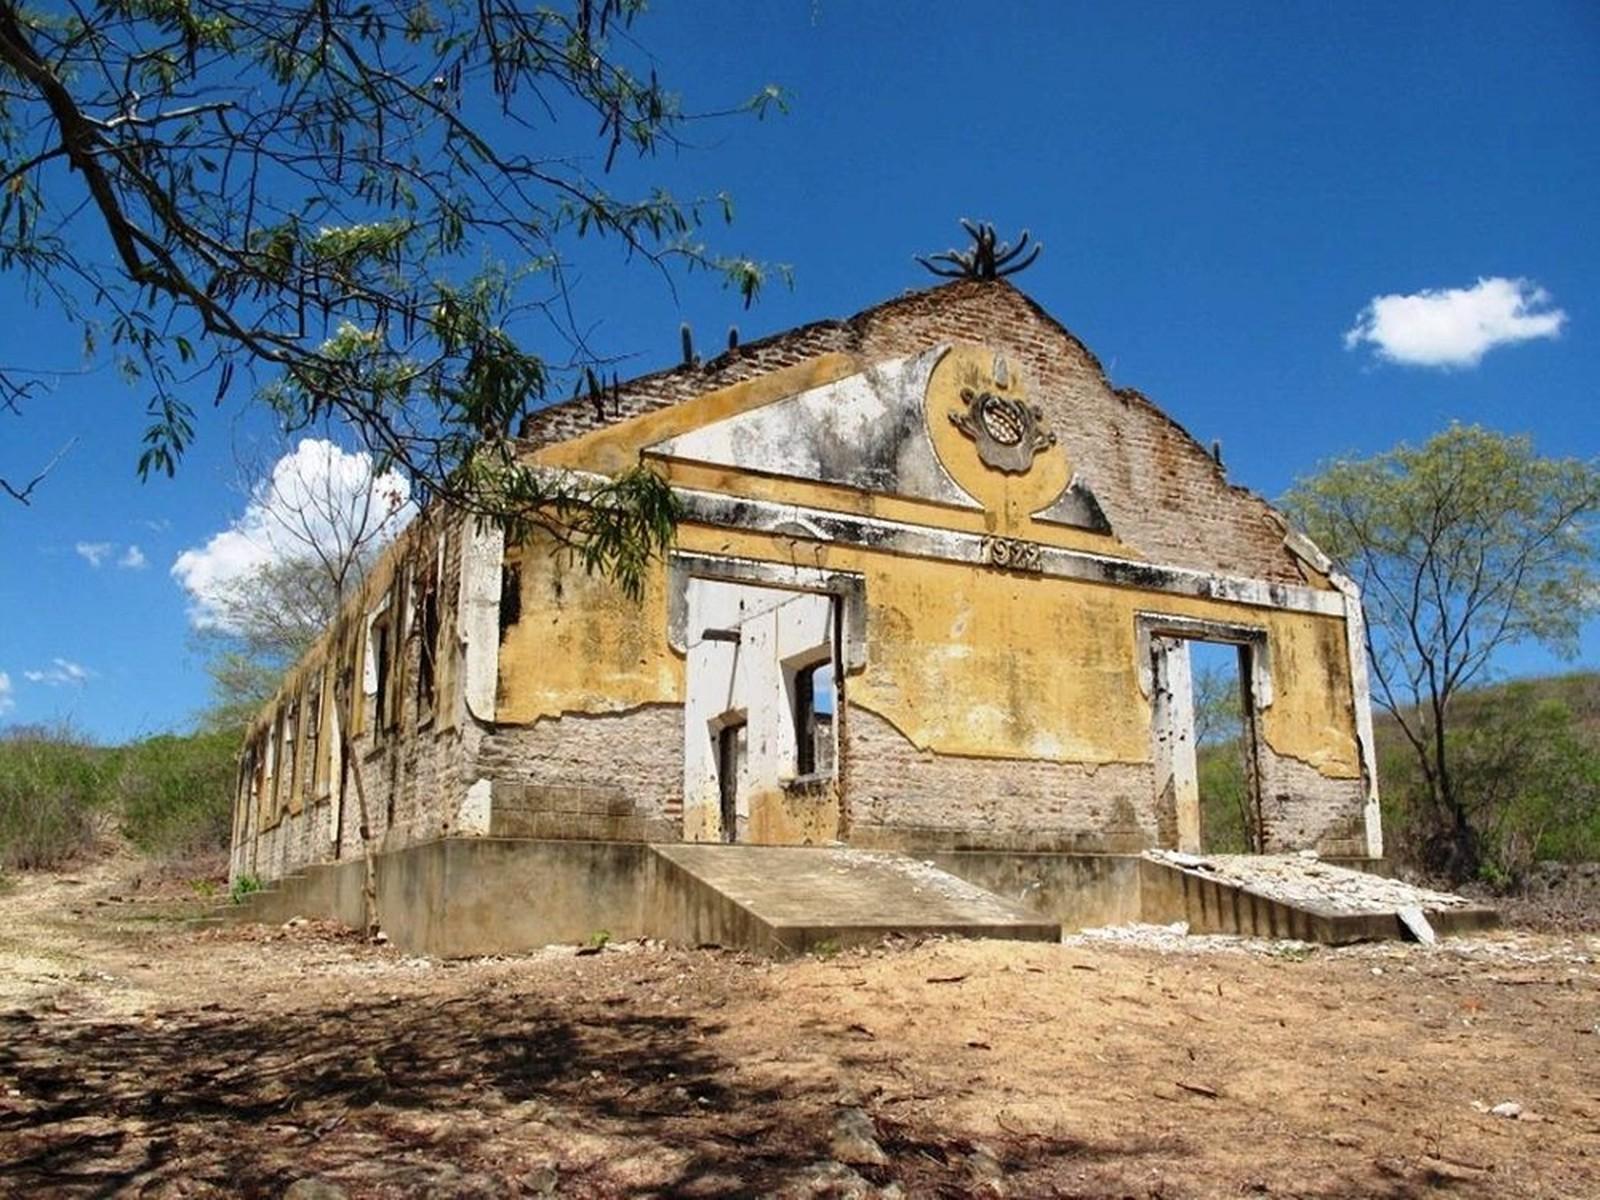 Senador Pompeu CE - Campo de concentração onde 'flagelados da seca' eram  aprisionados é tombado no Ceará .